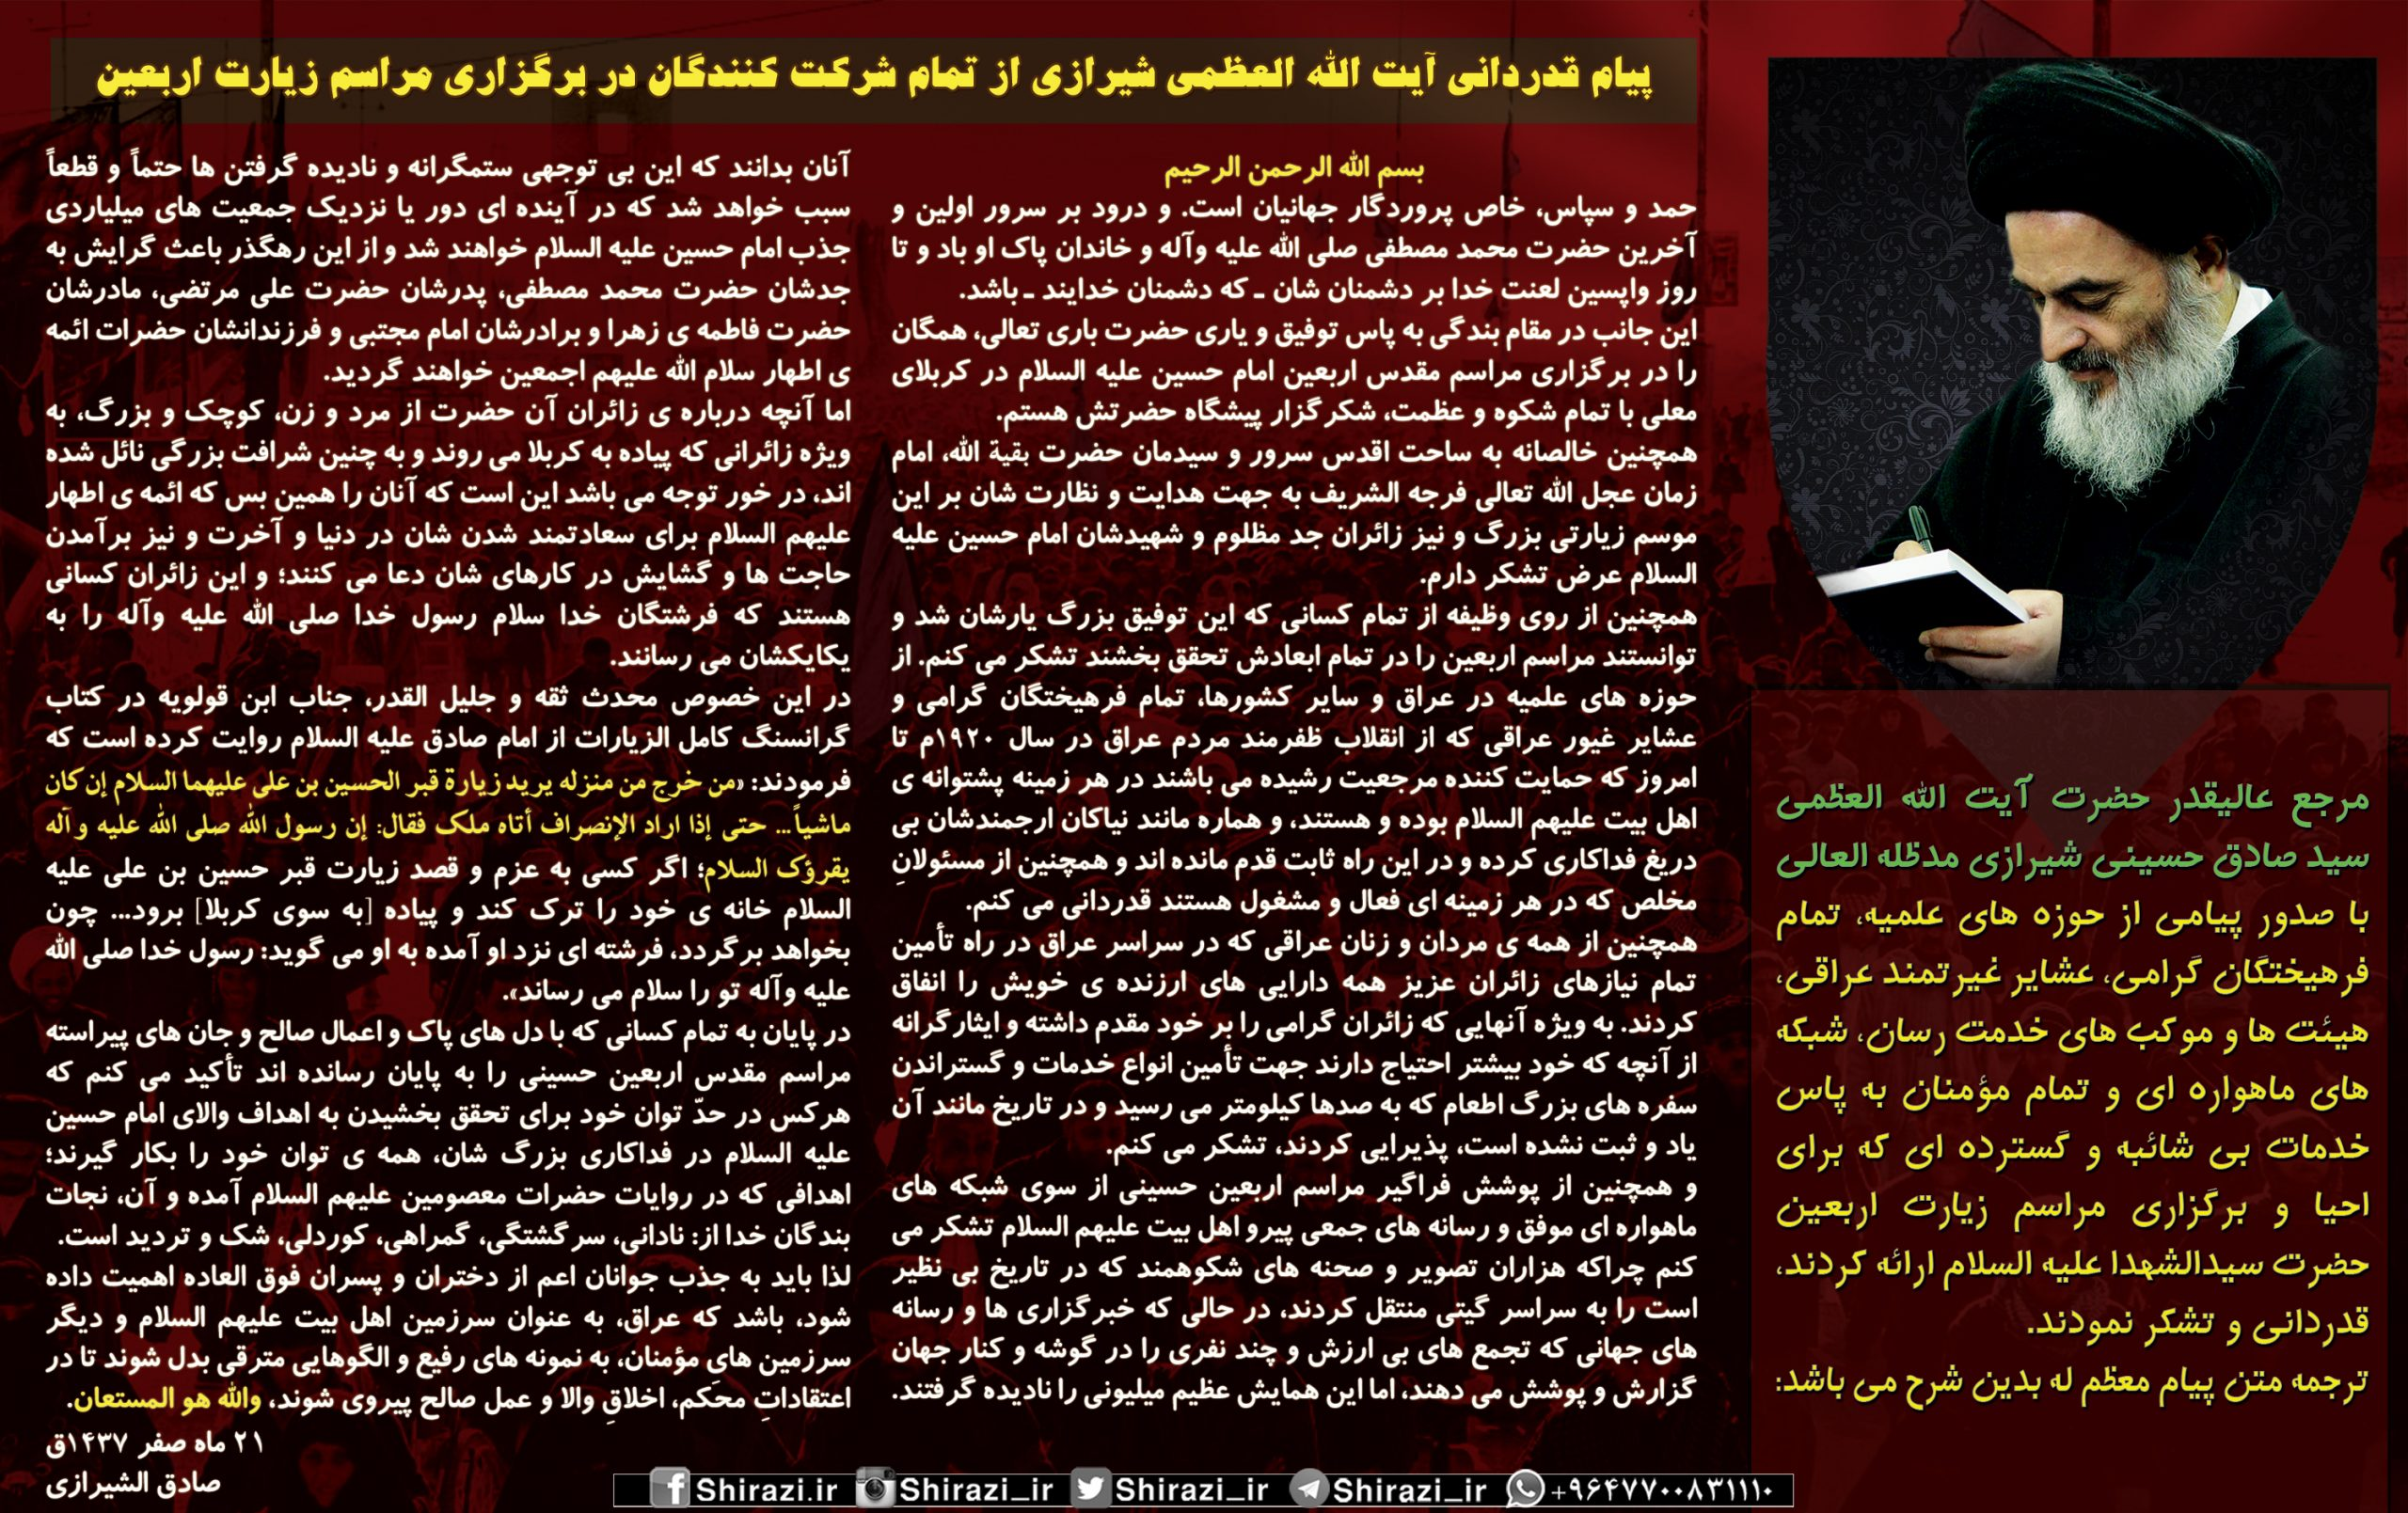 تصویر پیام قدردانی آیت الله العظمی شیرازی از تمام شرکت کنندگان در برگزاری مراسم زیارت اربعین